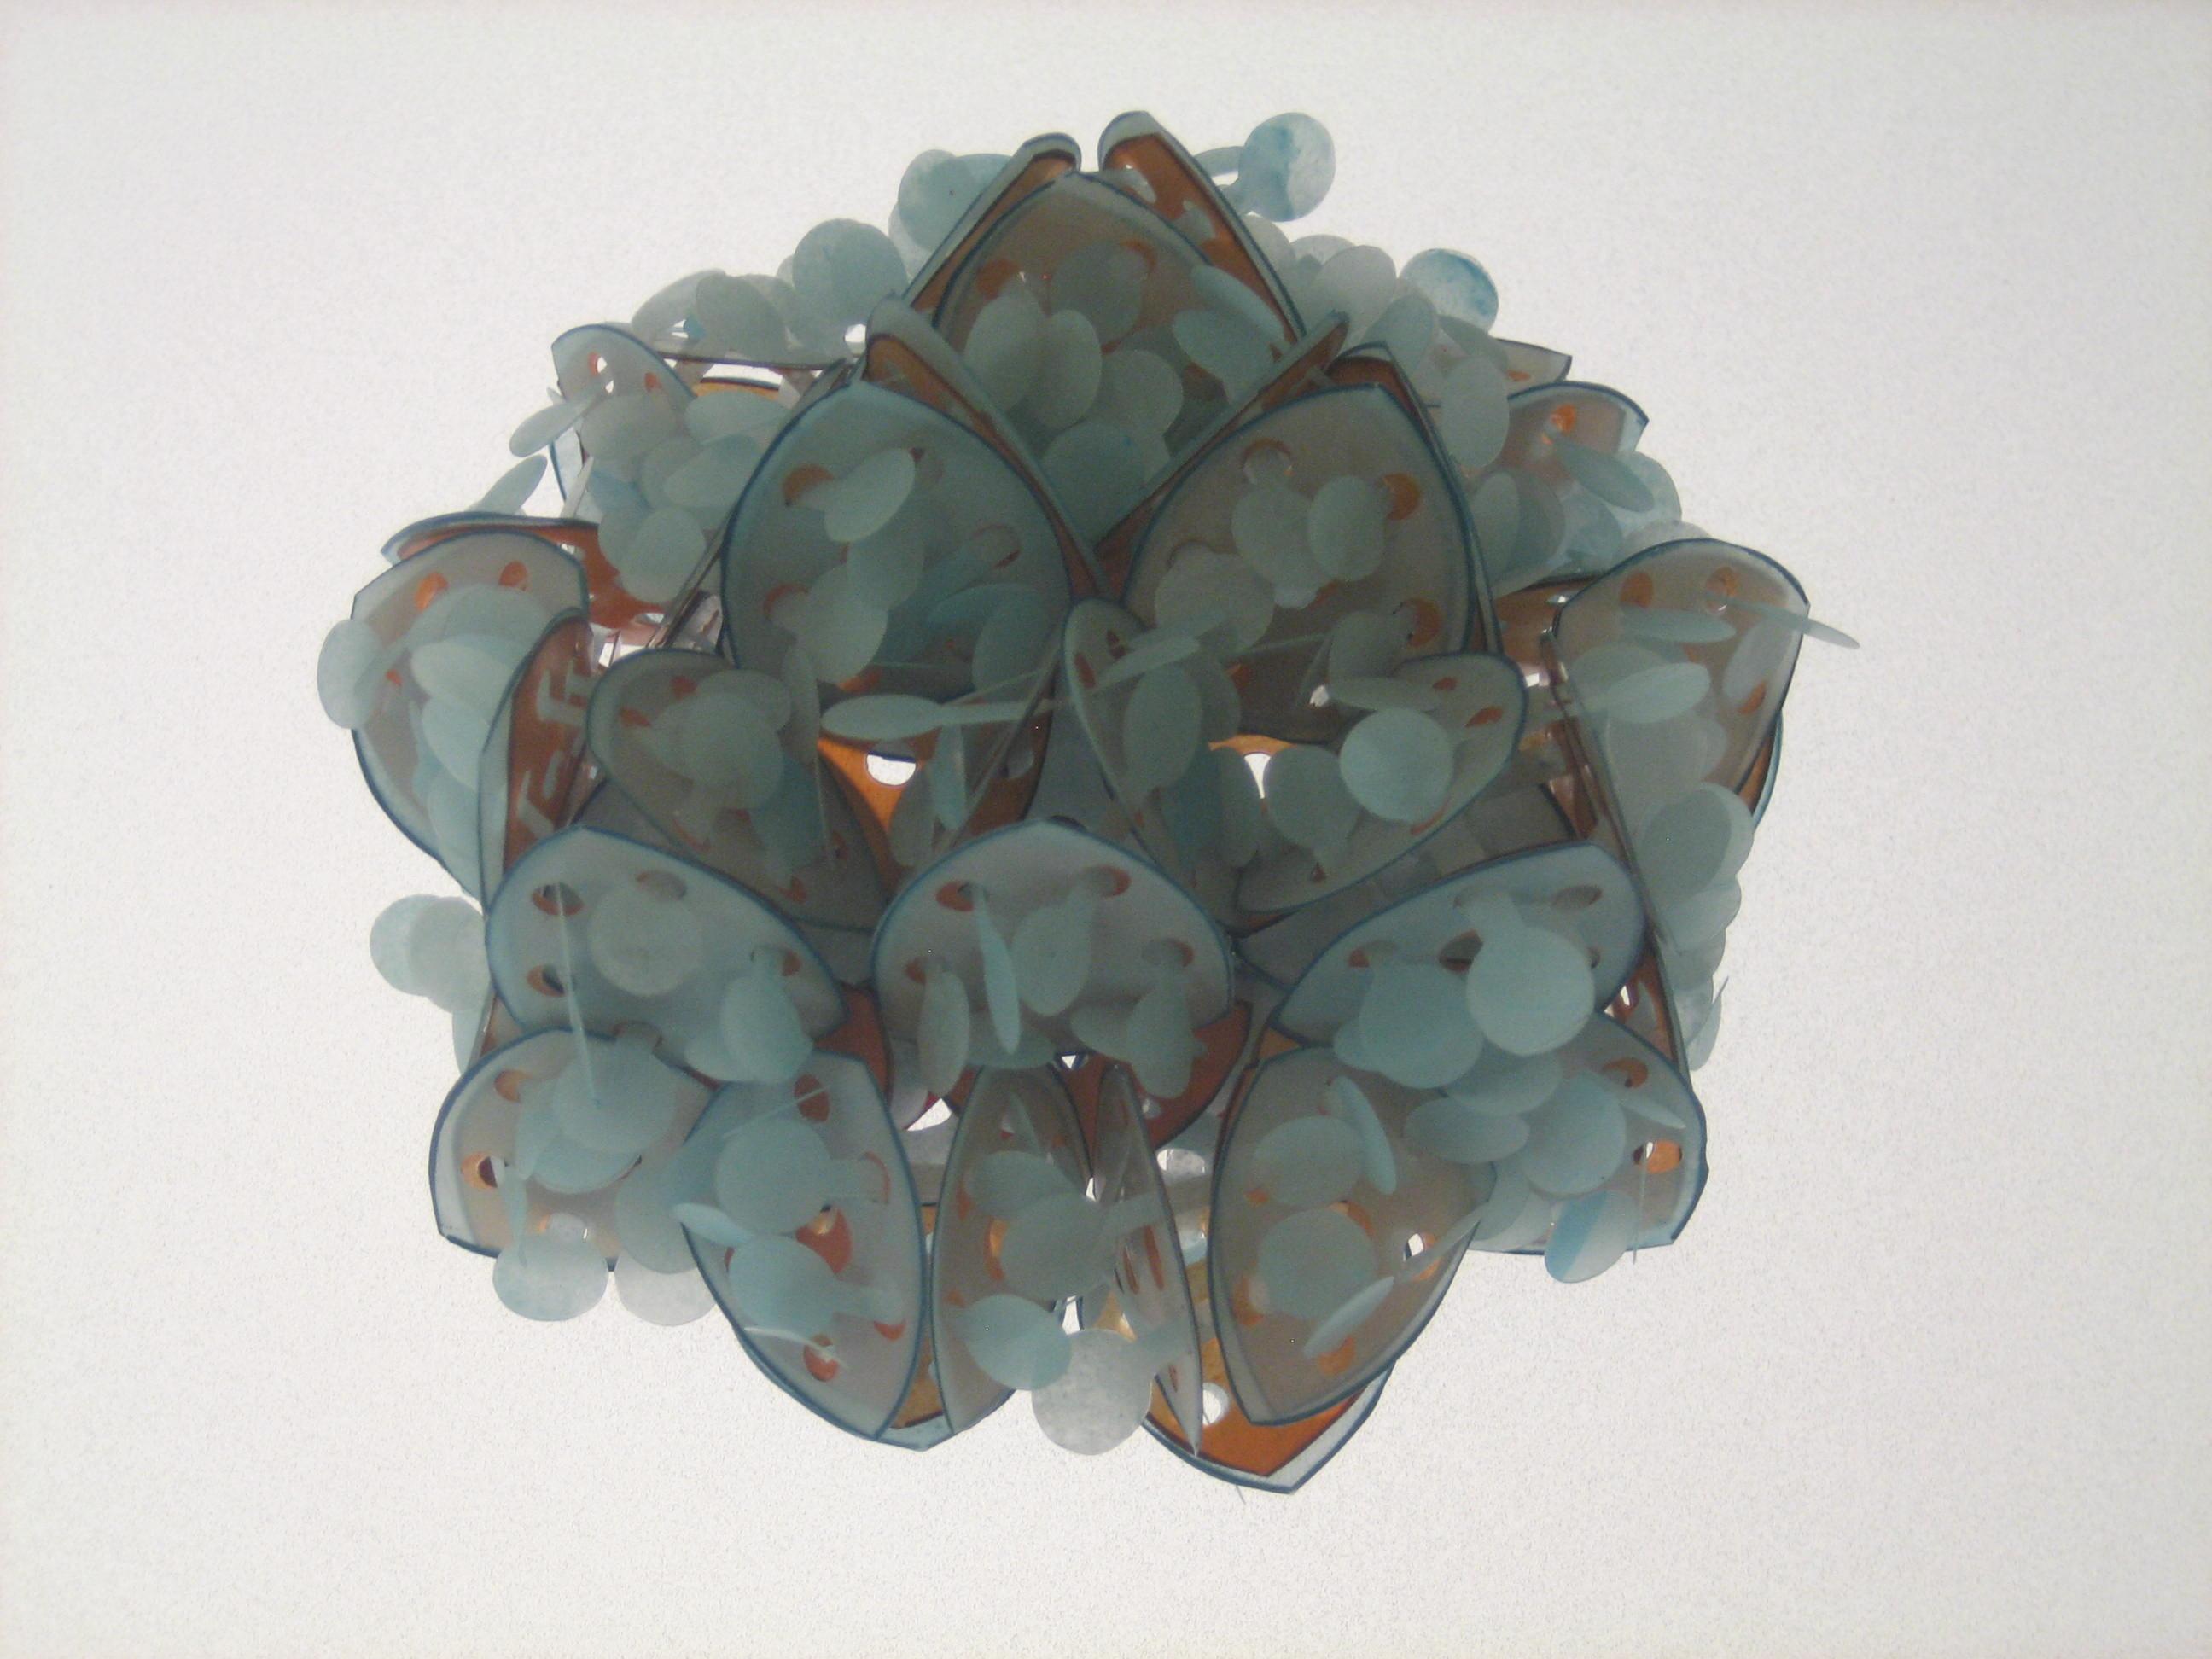 Svenja John, Breath, broche, 2001. Collectie Grassimuseum, kunststof